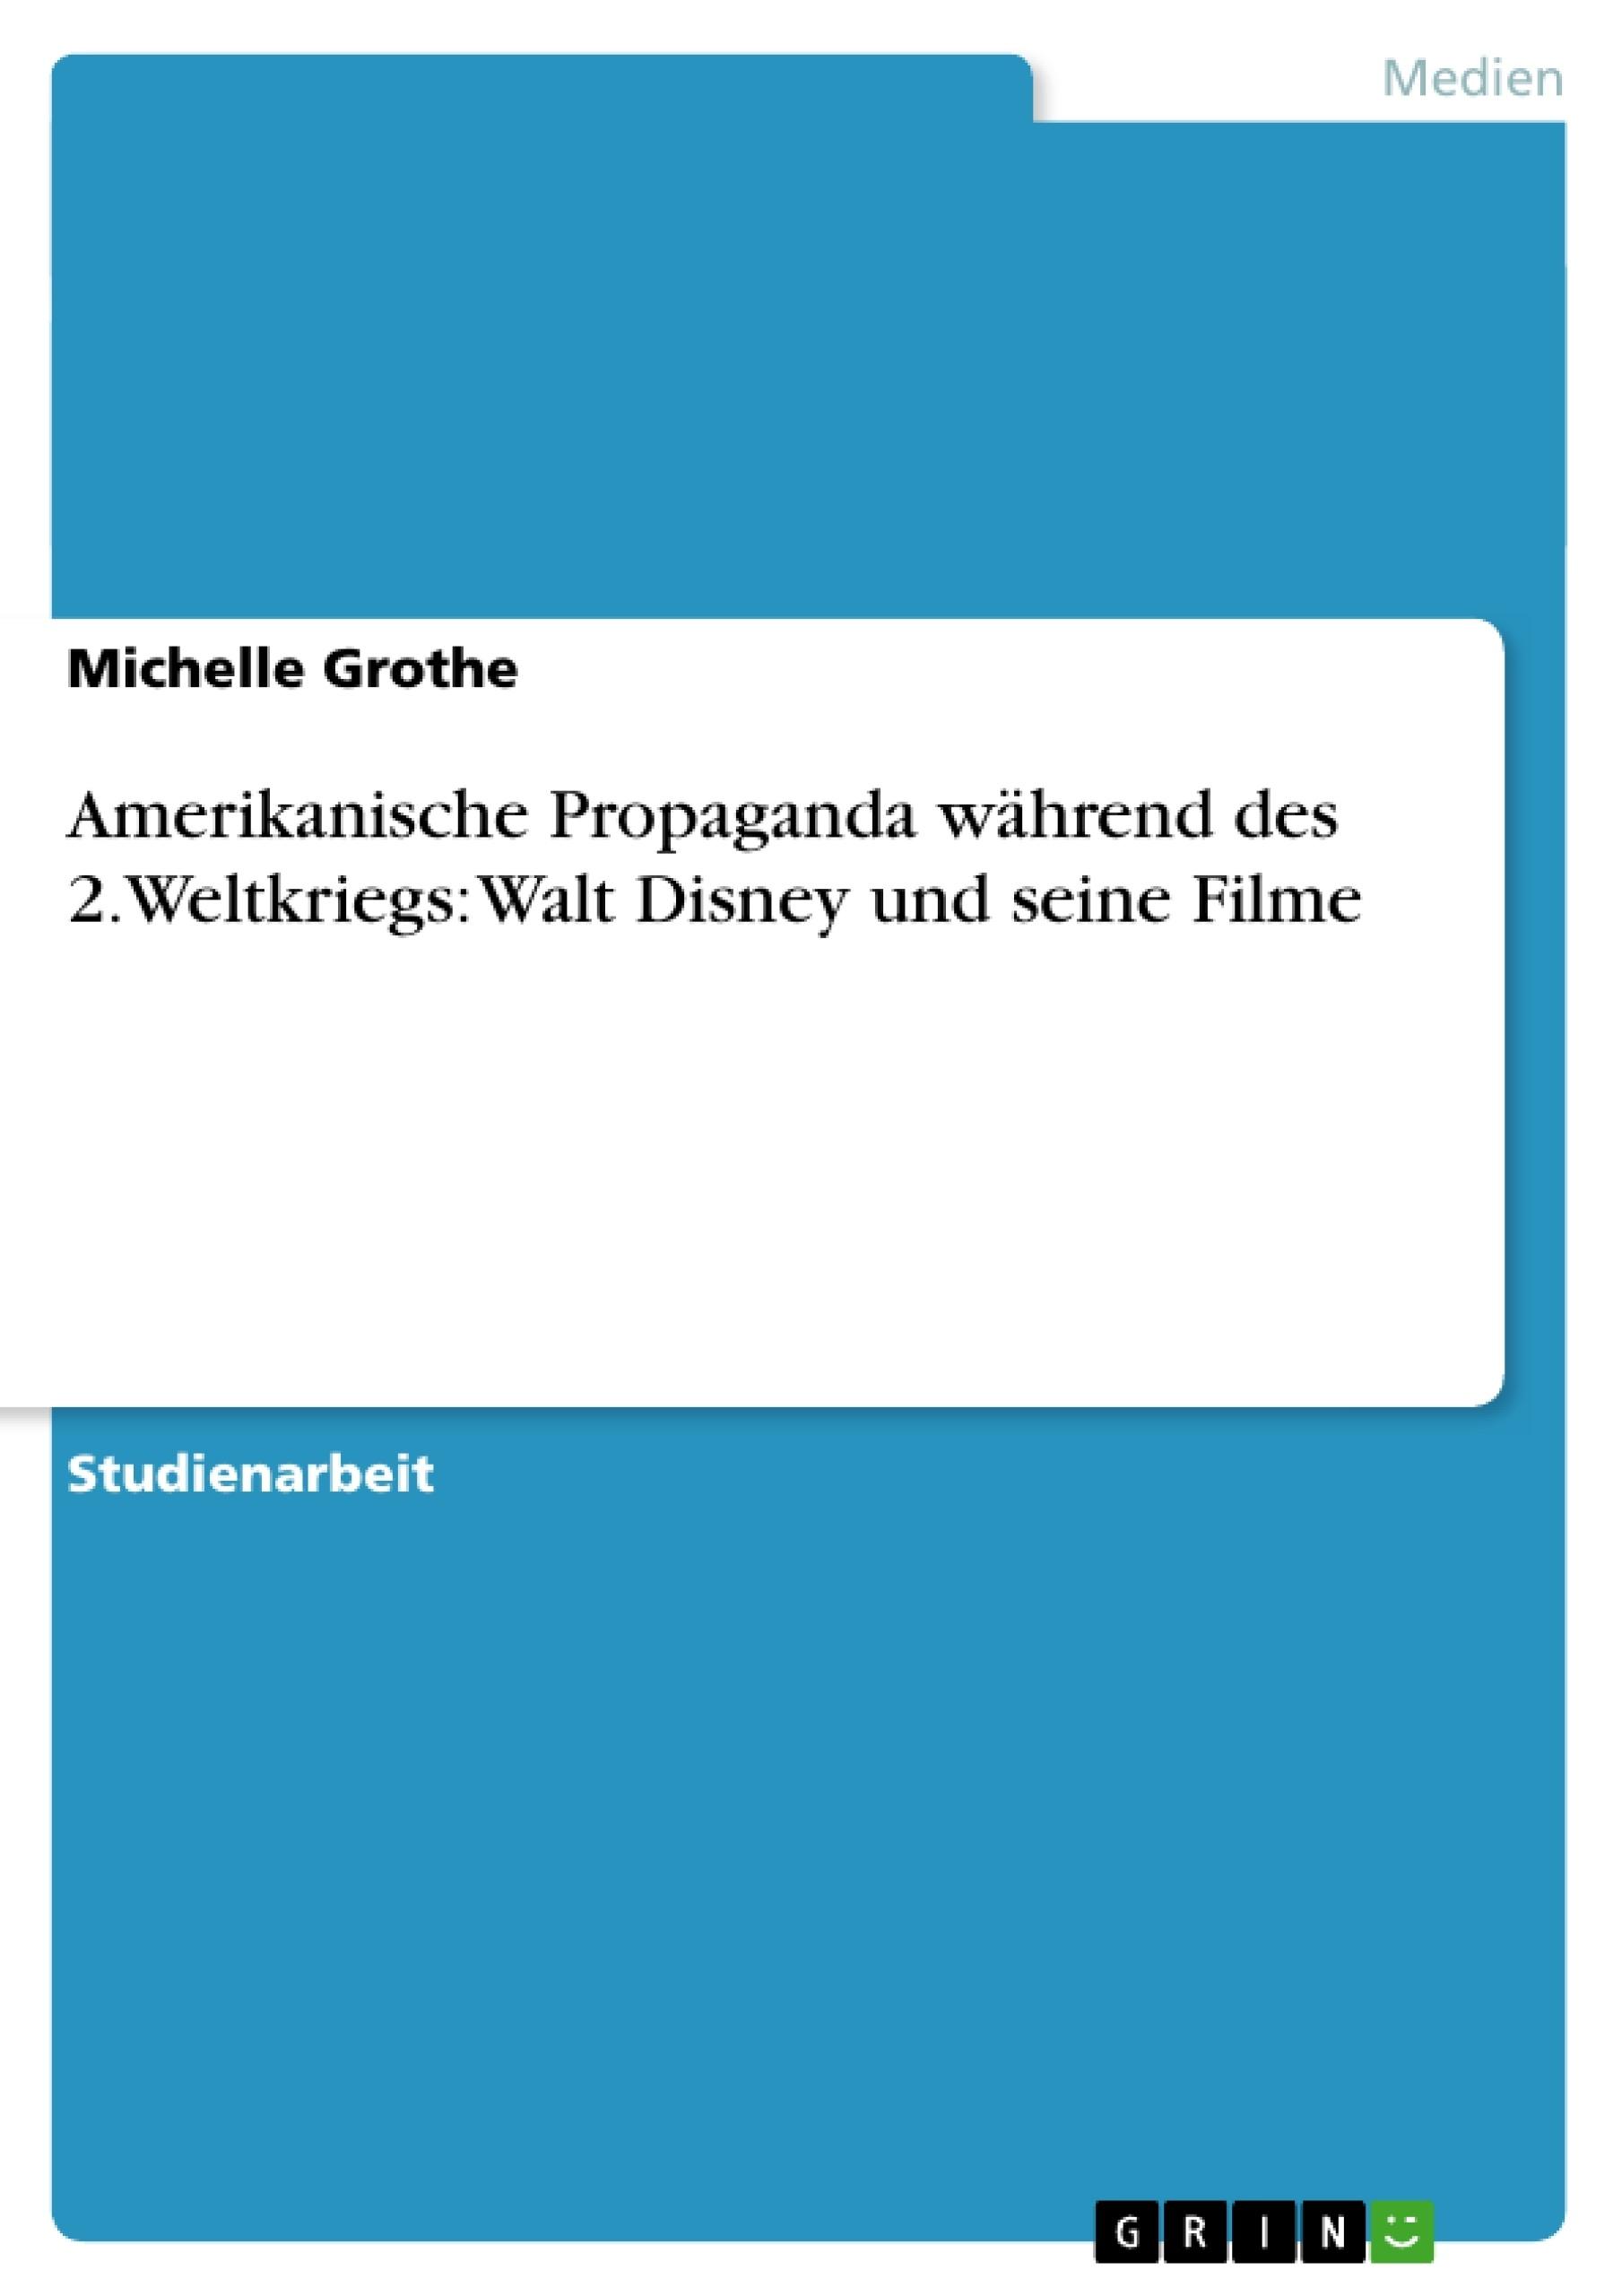 Titel: Amerikanische Propaganda während des 2.Weltkriegs: Walt Disney und seine Filme